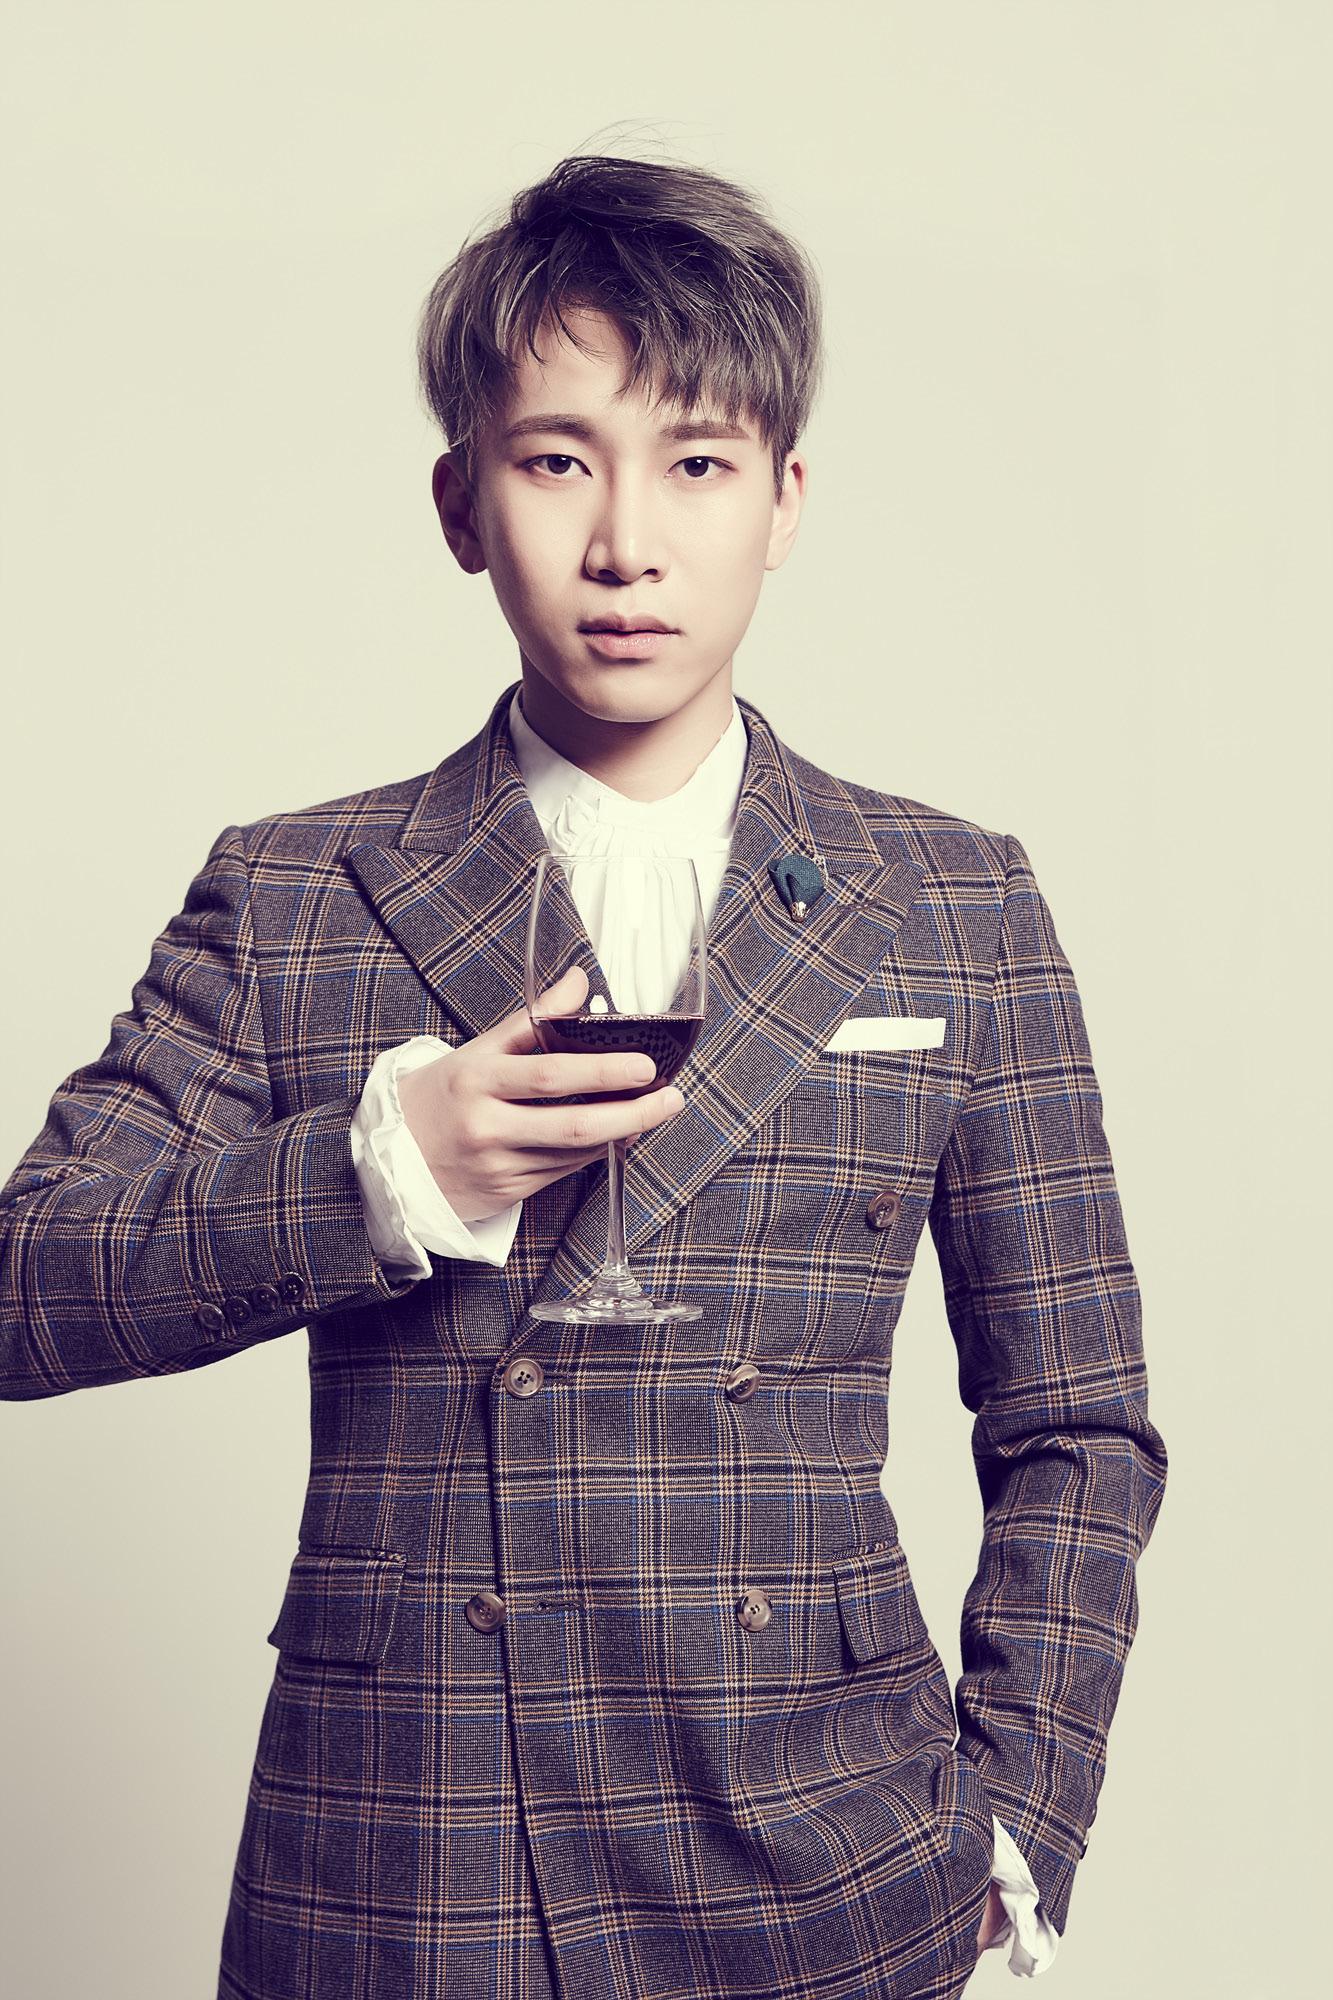 Chấn động tin Bộ Giáo dục trước bằng Đại học của 7 sao Hàn nhận biệt đãi: Toàn idol nổi tiếng của nhóm Highlight, BTOB - Ảnh 5.